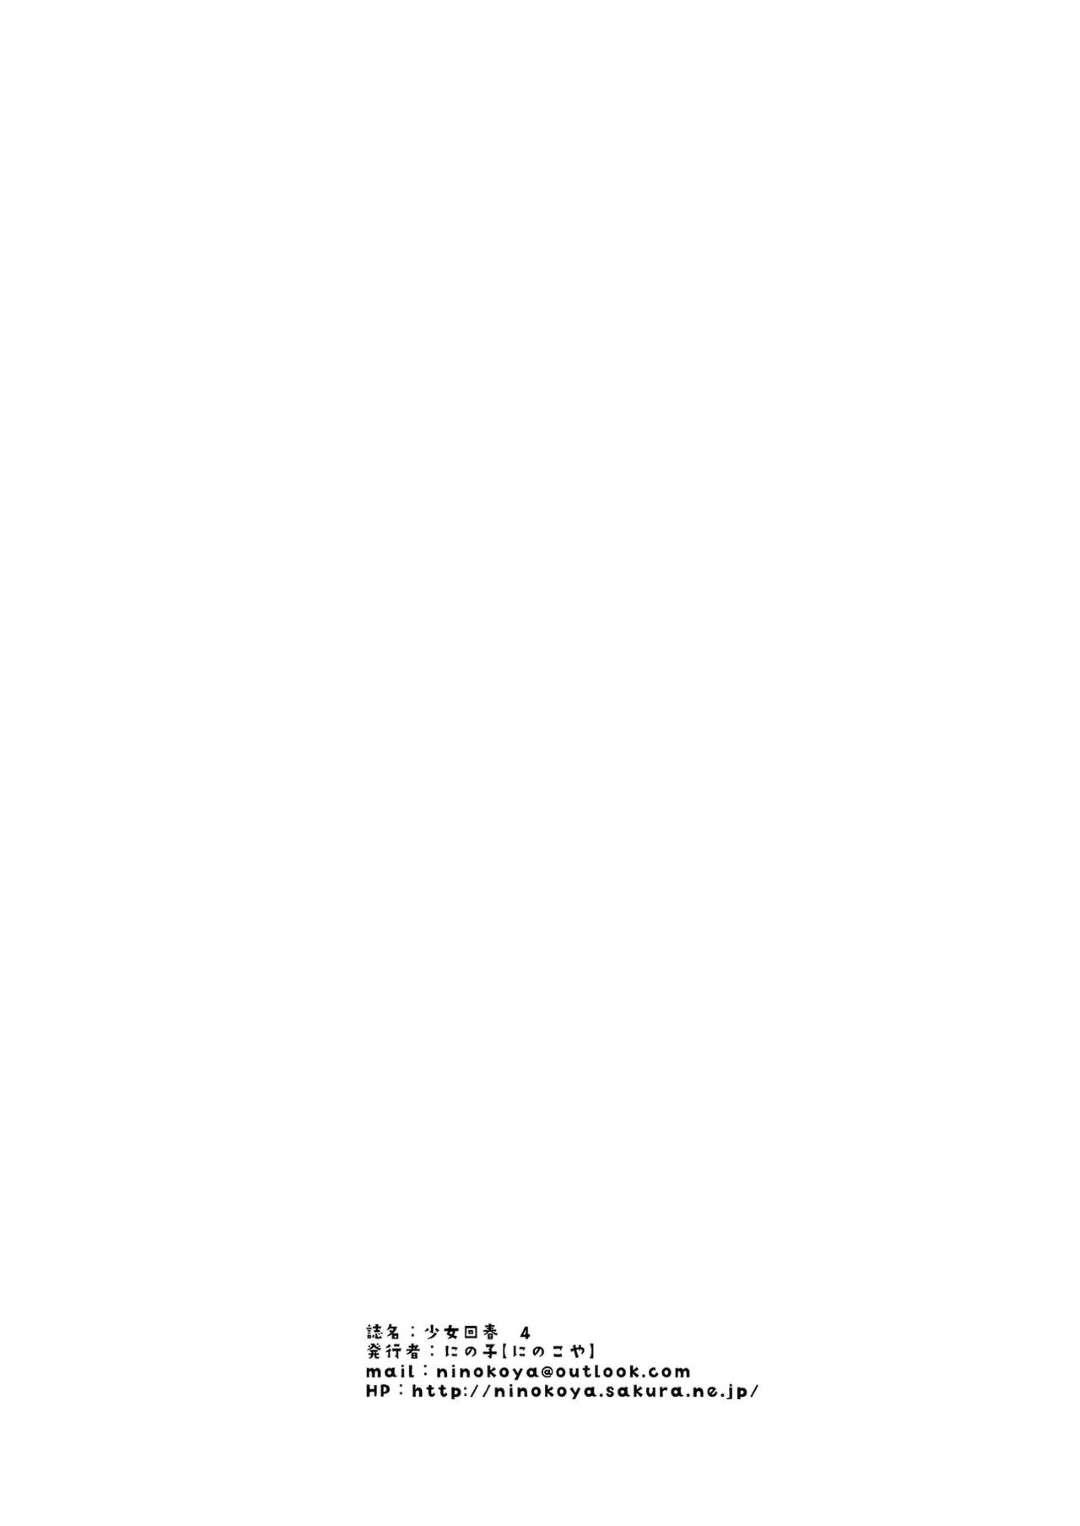 【エロ漫画】臨海学校中、男教師とスク水姿でお風呂に入り調教される美少女JK…ご奉仕パイズリフェラしてヌイたあと激しい生ハメ中出し調教セックスしてマゾイキしまくる【にのこや:少女回春4】